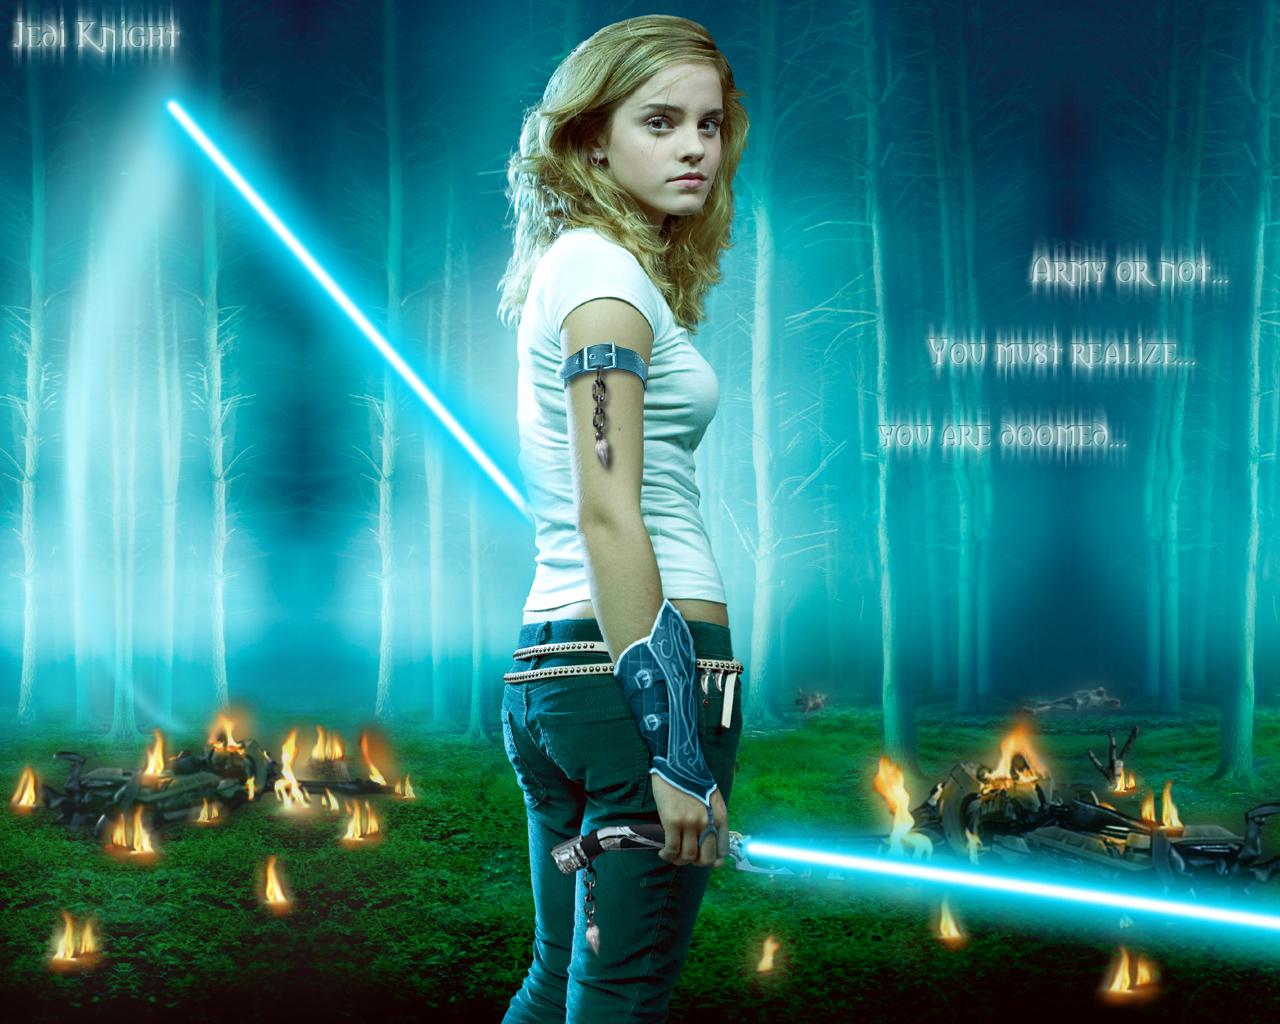 Emma Watson Jedi knight